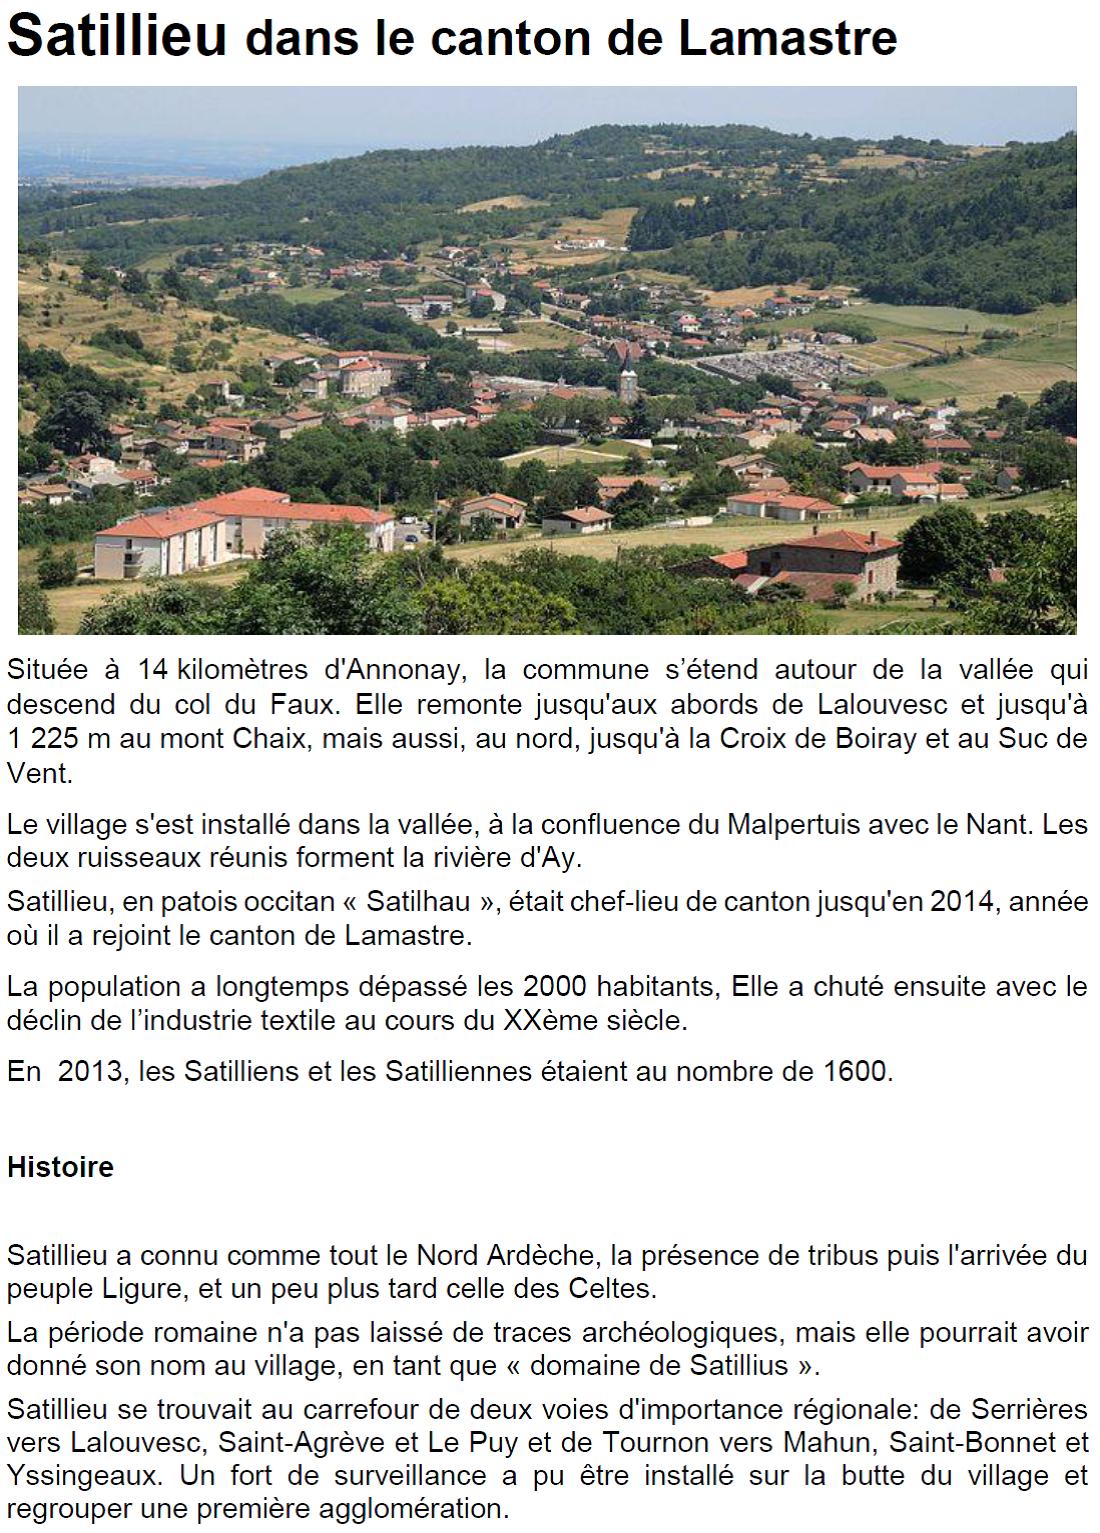 satillieu 1